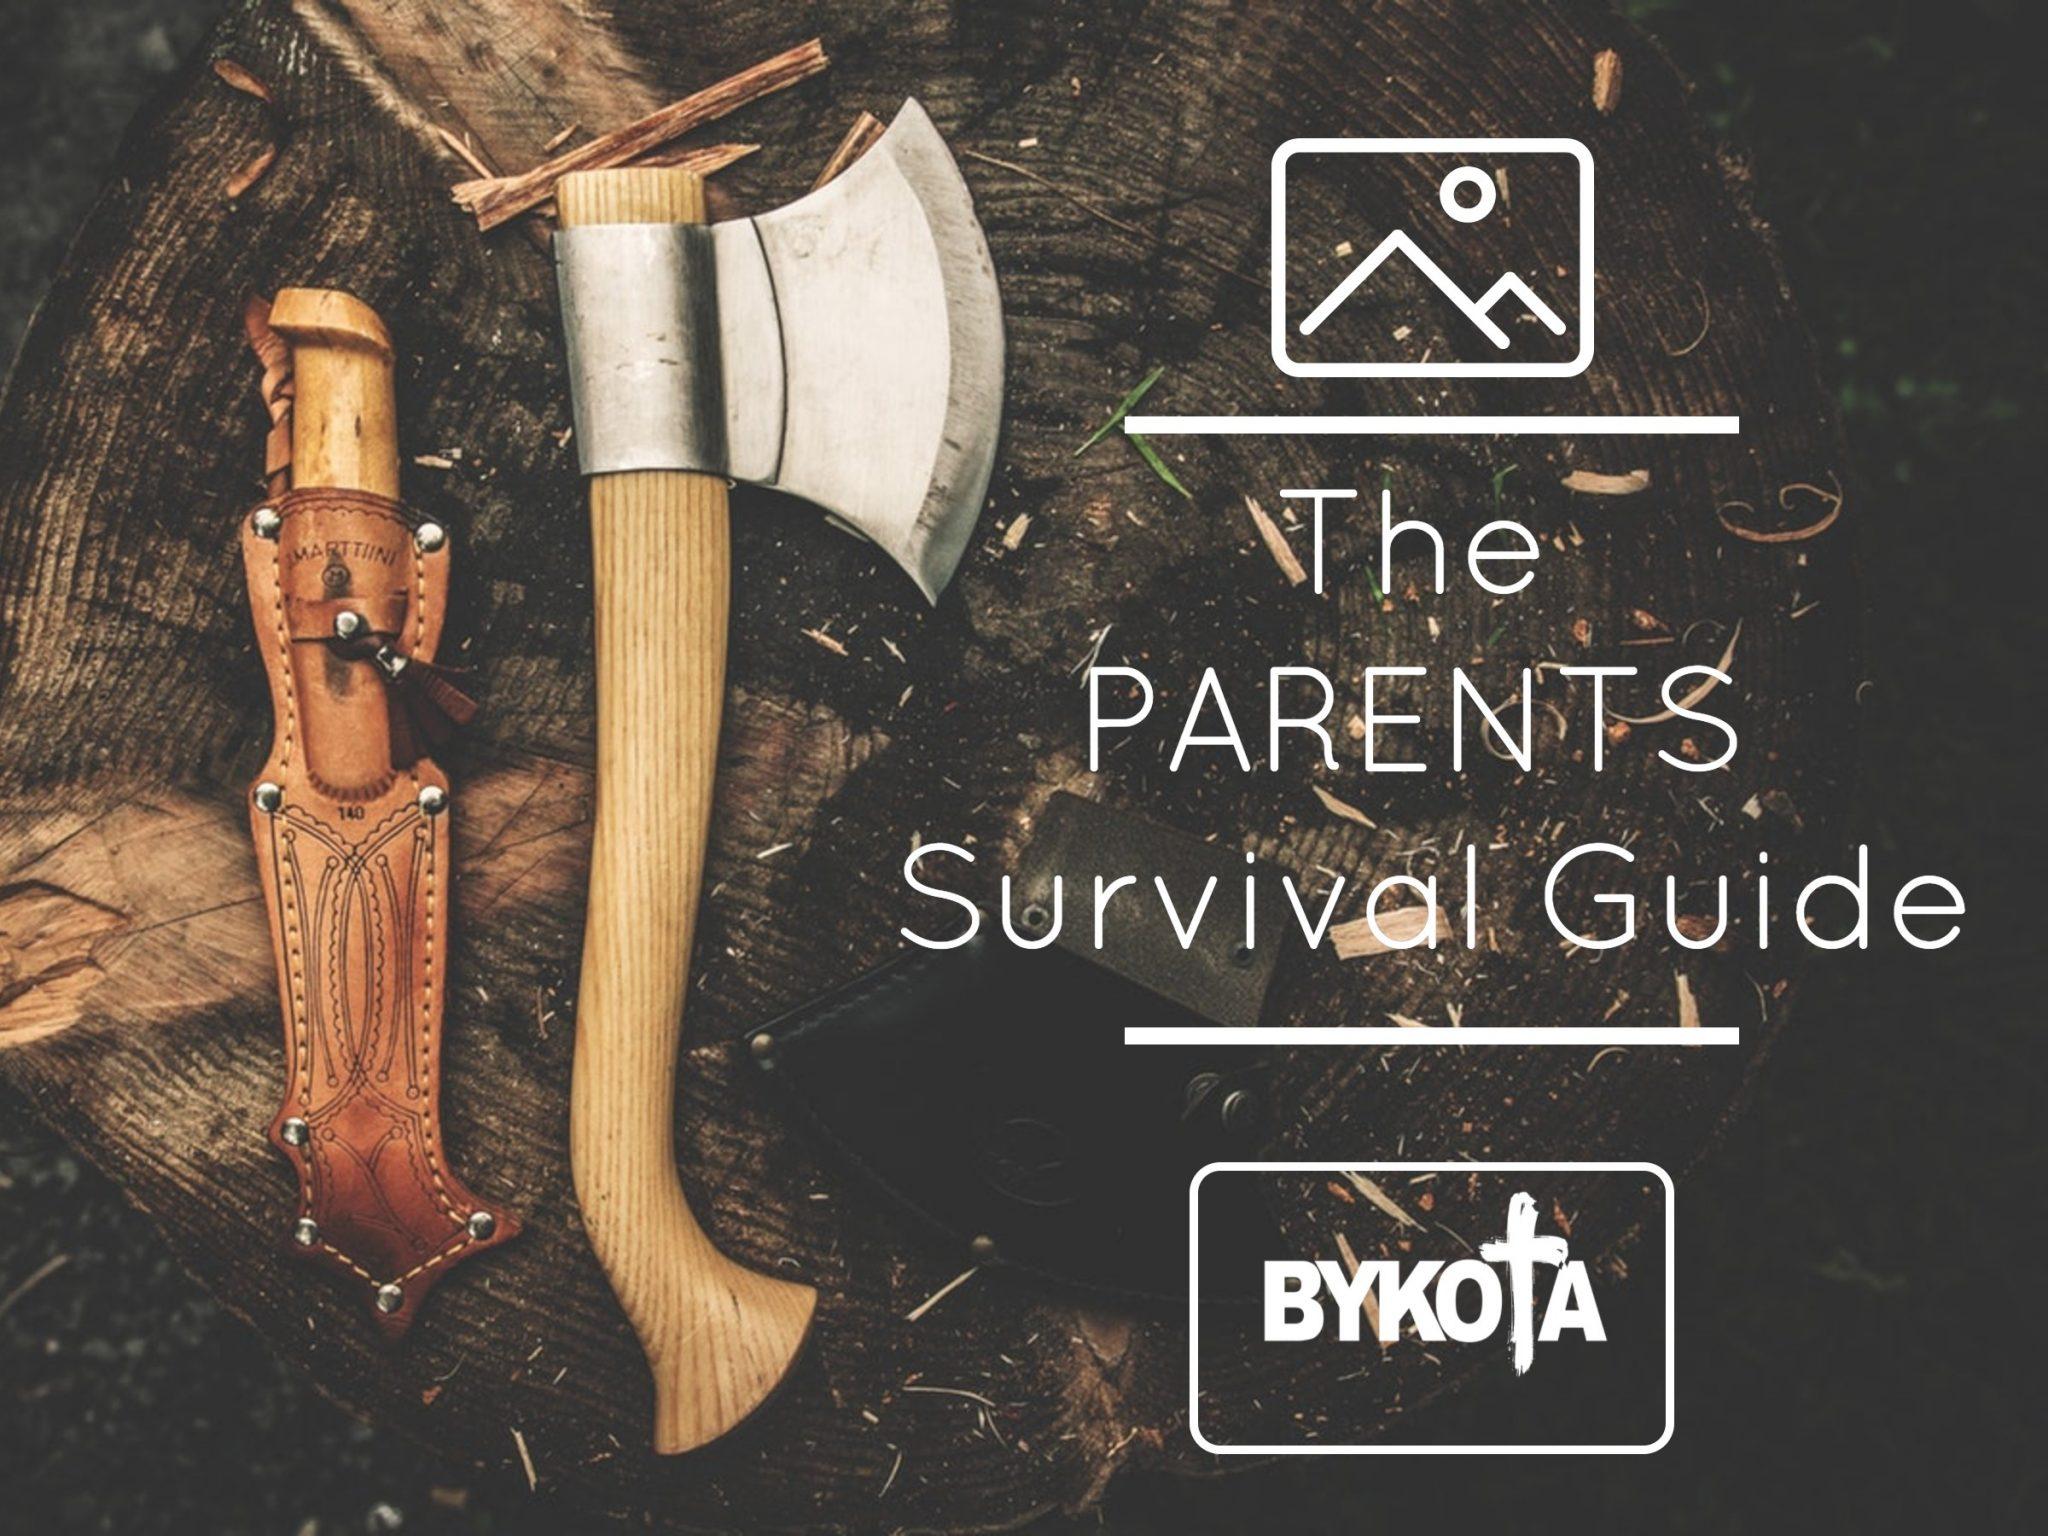 survivalguide1